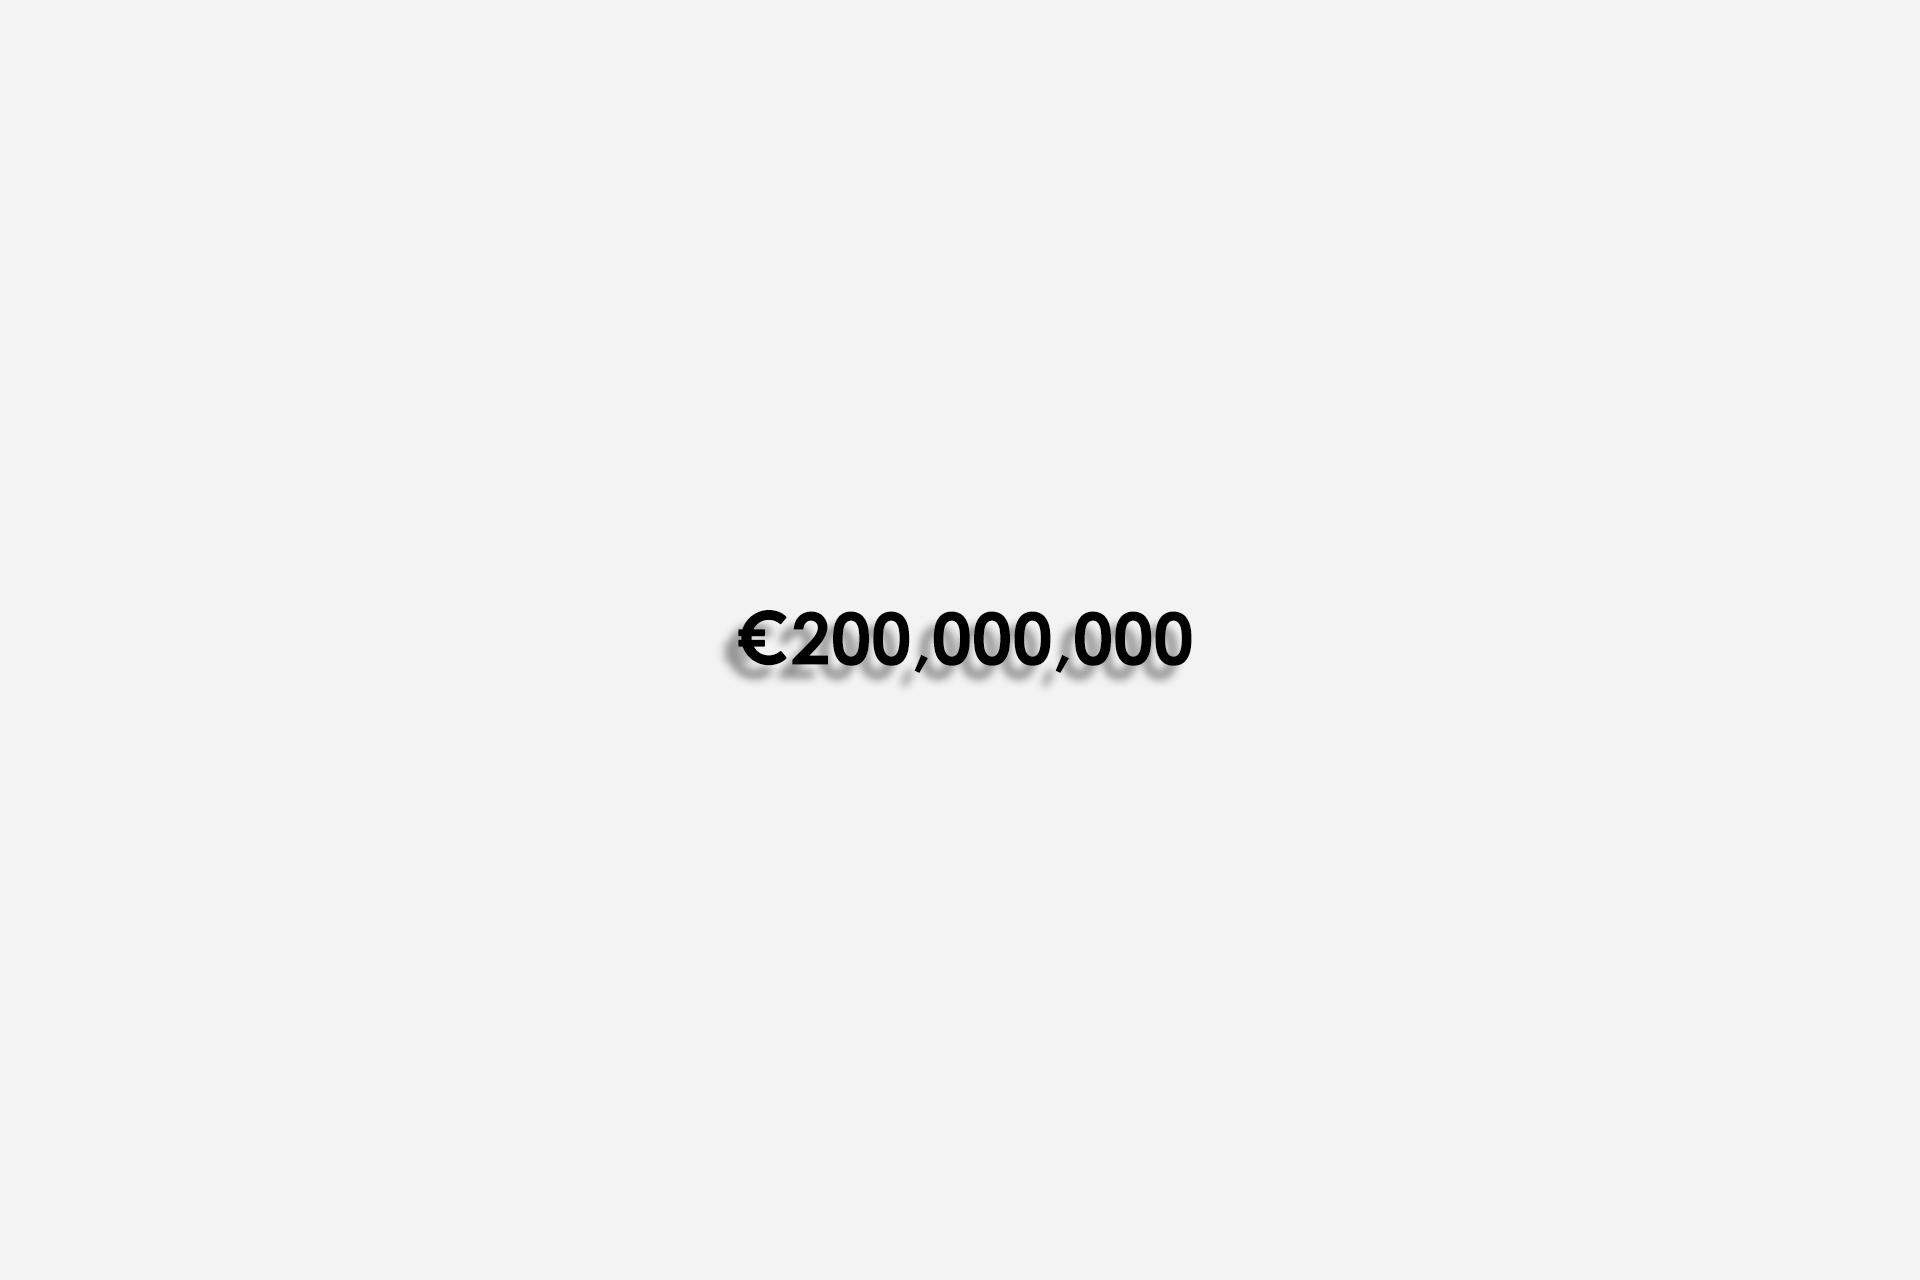 زلاتان ابراهیموویچ, 200 میلیون یورو